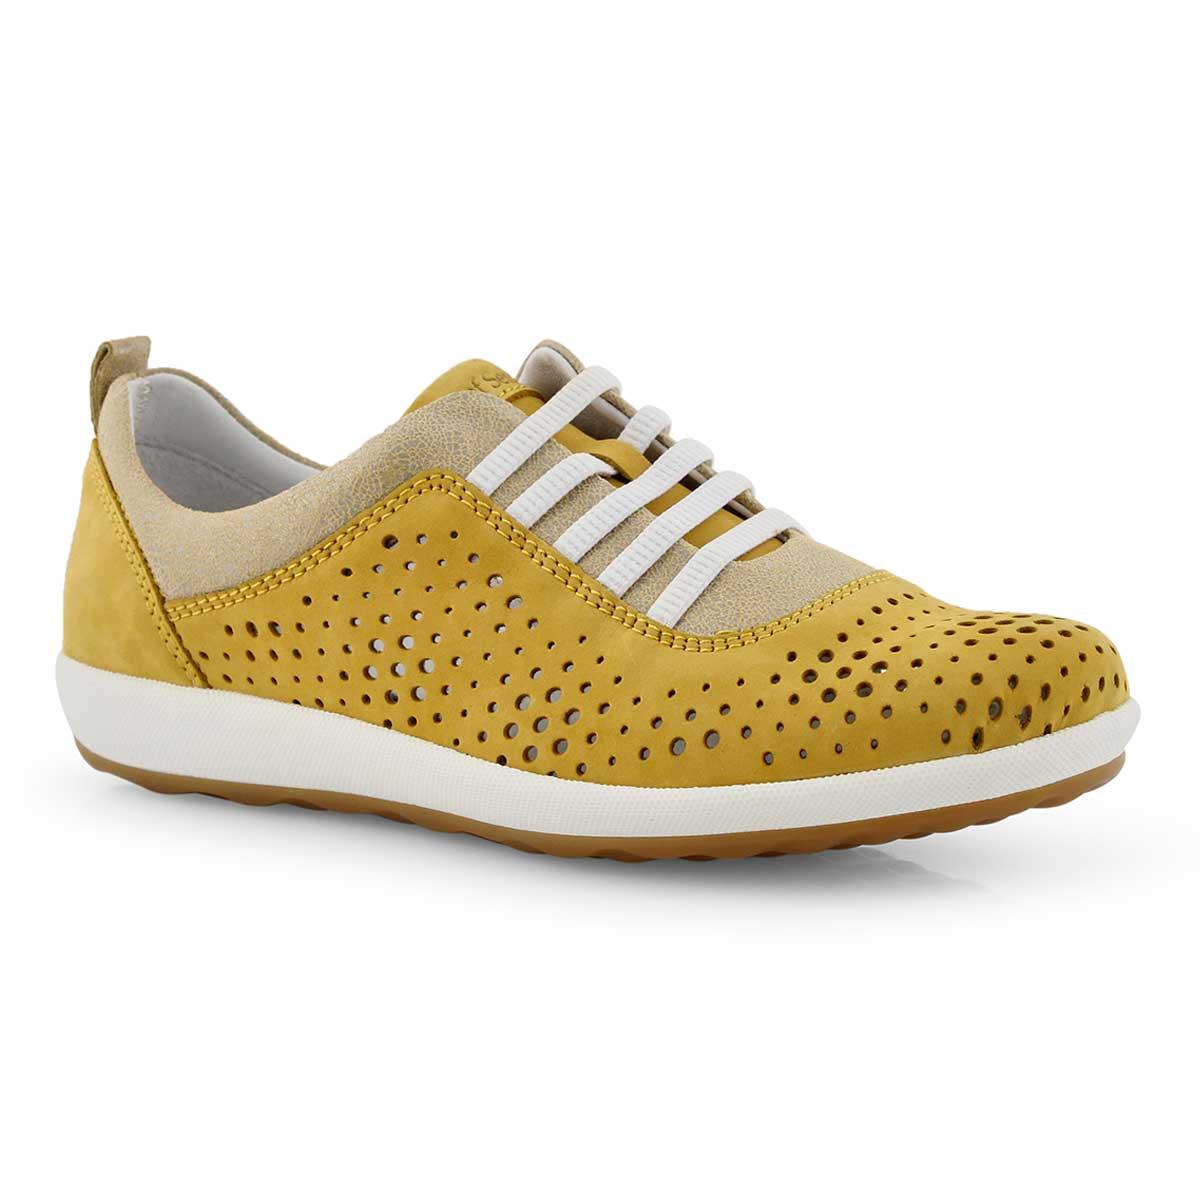 Lds Viola 01 saffron casual sneaker